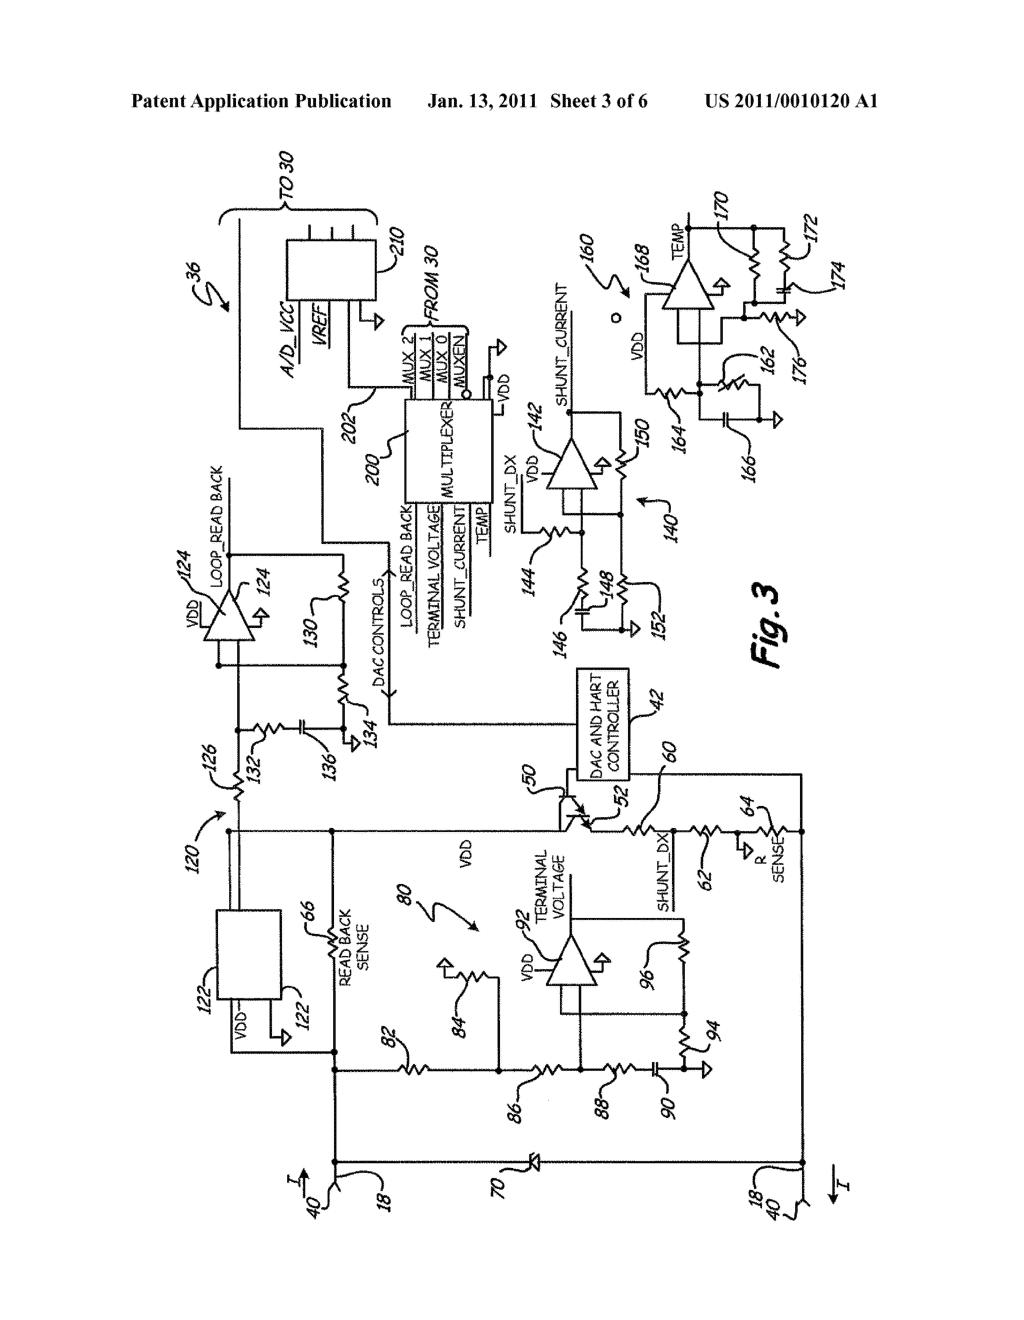 Control Loop Wiring Diagram